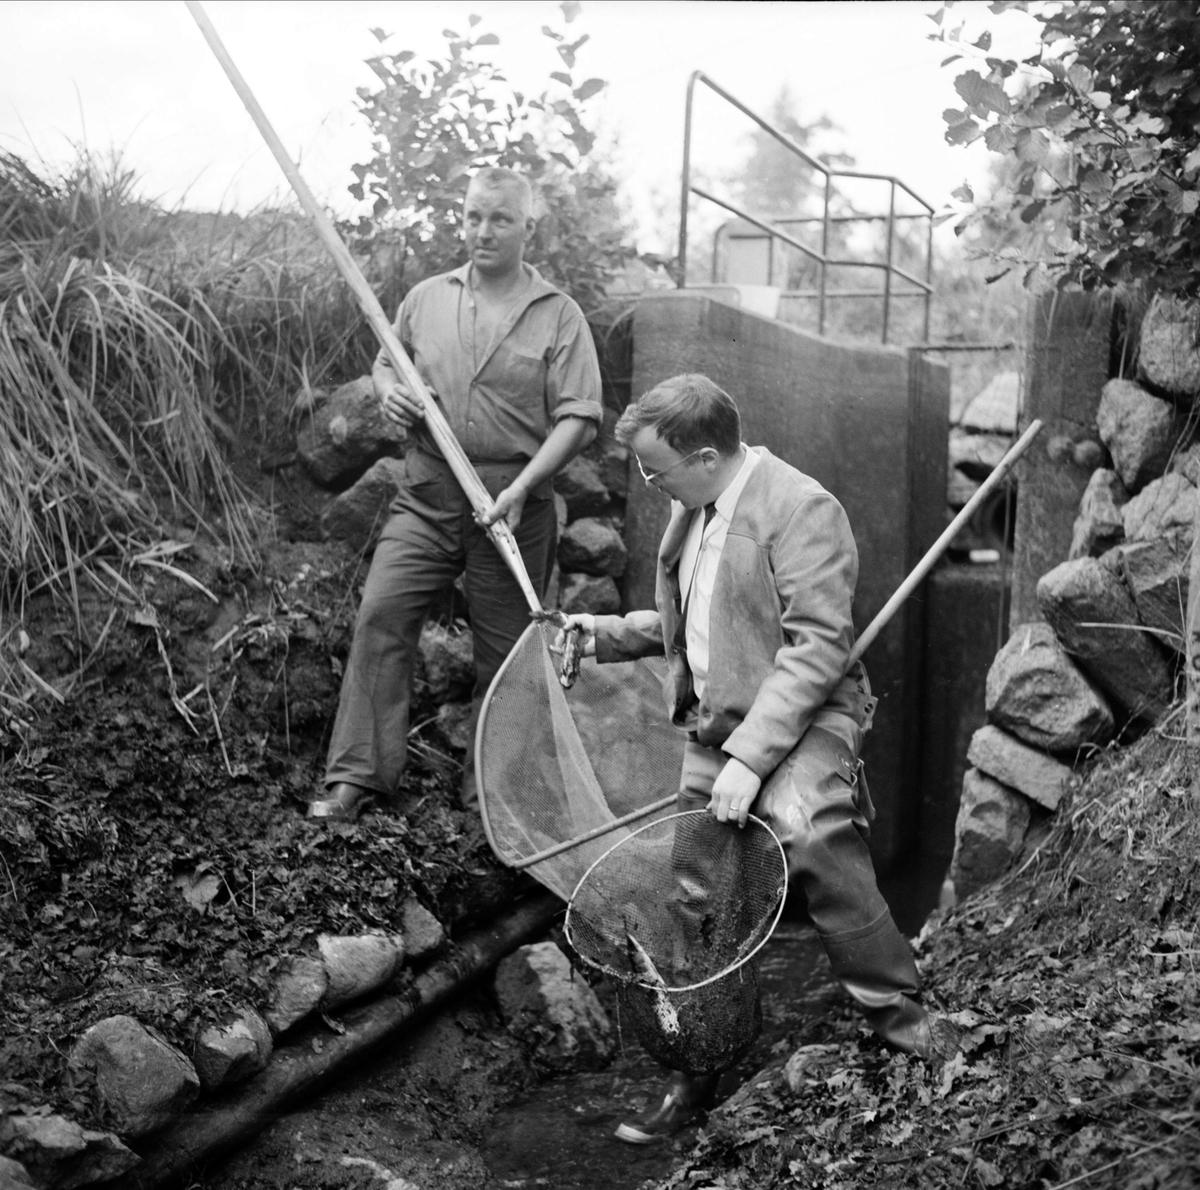 """""""Mer laxöring i Söderfors odlingskanal"""" - fiskmästare Börje Johansson och kassör Johnny Selander, Söderfors, Uppland augusti 1966"""